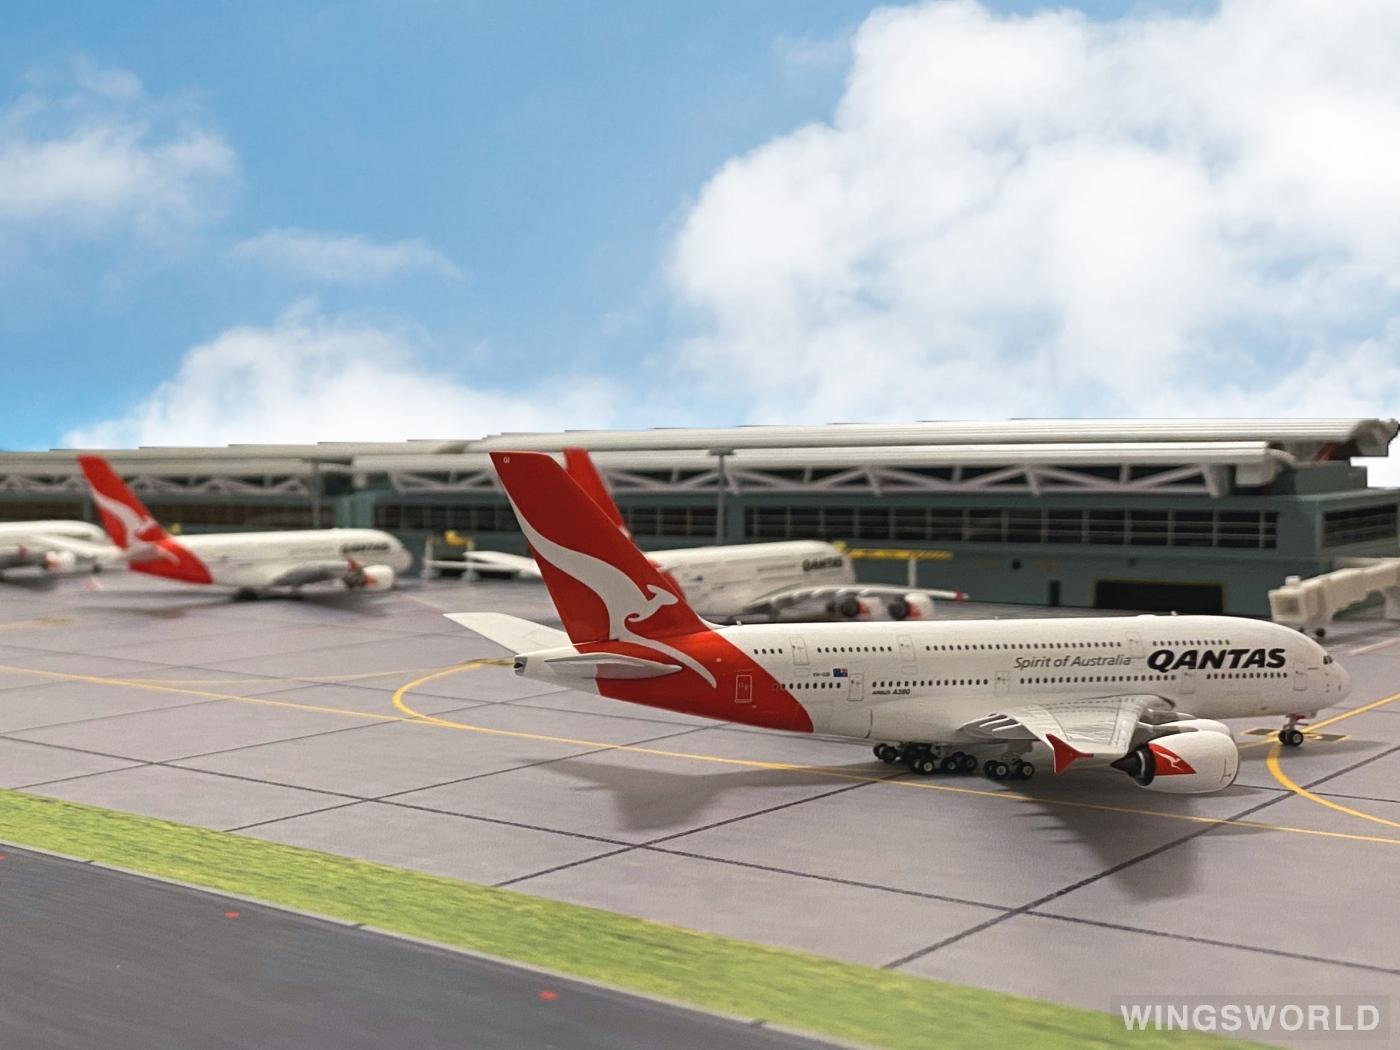 Phoenix 1:400 PH04354 Qantas 澳洲航空 Airbus A380-800 VH-OQI